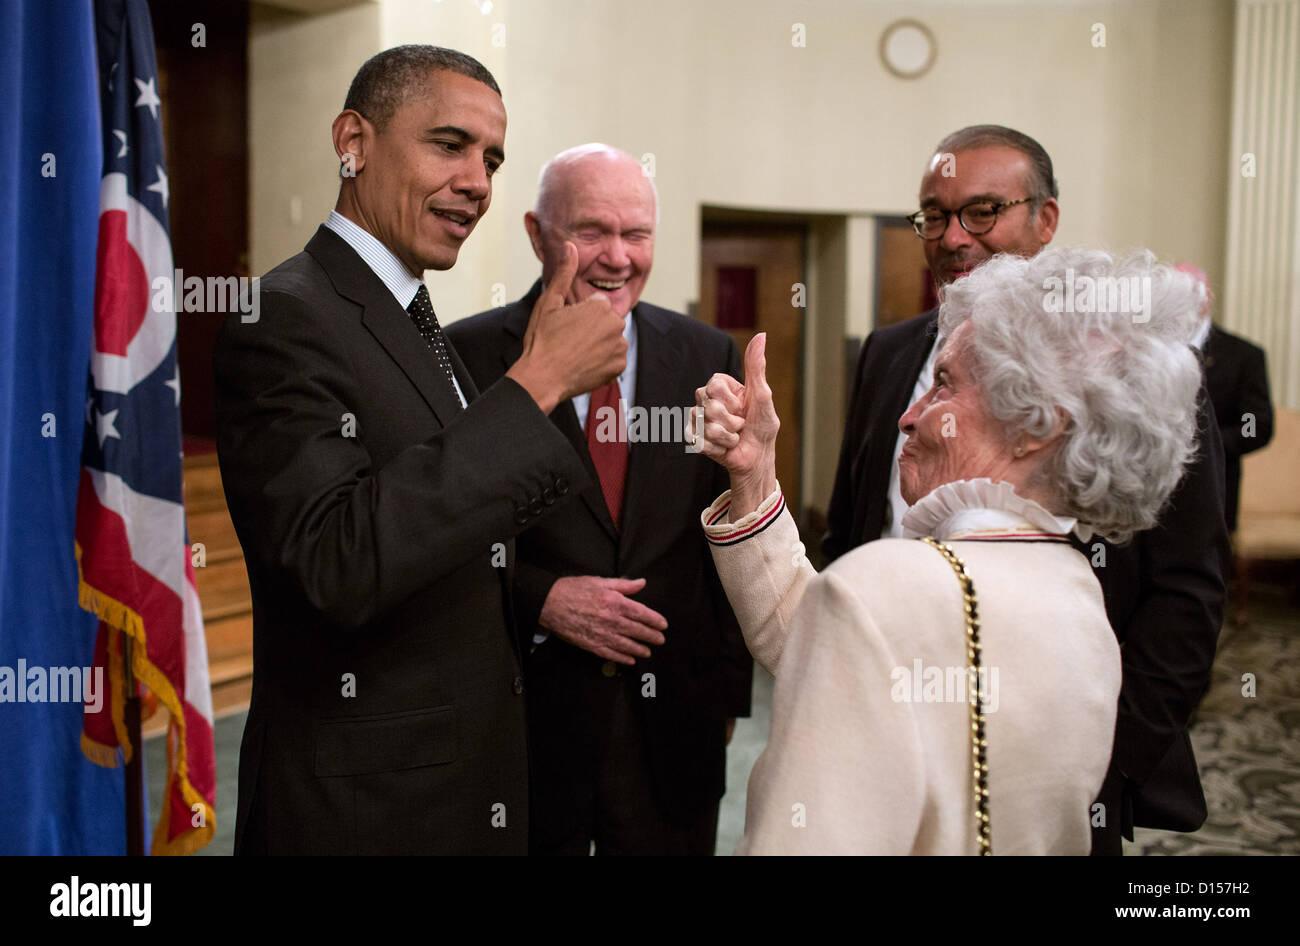 Le président américain Barack Obama et Annie Glenn, épouse de l'ancien sénateur John Glenn chaque message d'autres à la suite d'un événement à l'Ohio State University le 9 octobre 2012 à Columbus, Ohio Banque D'Images